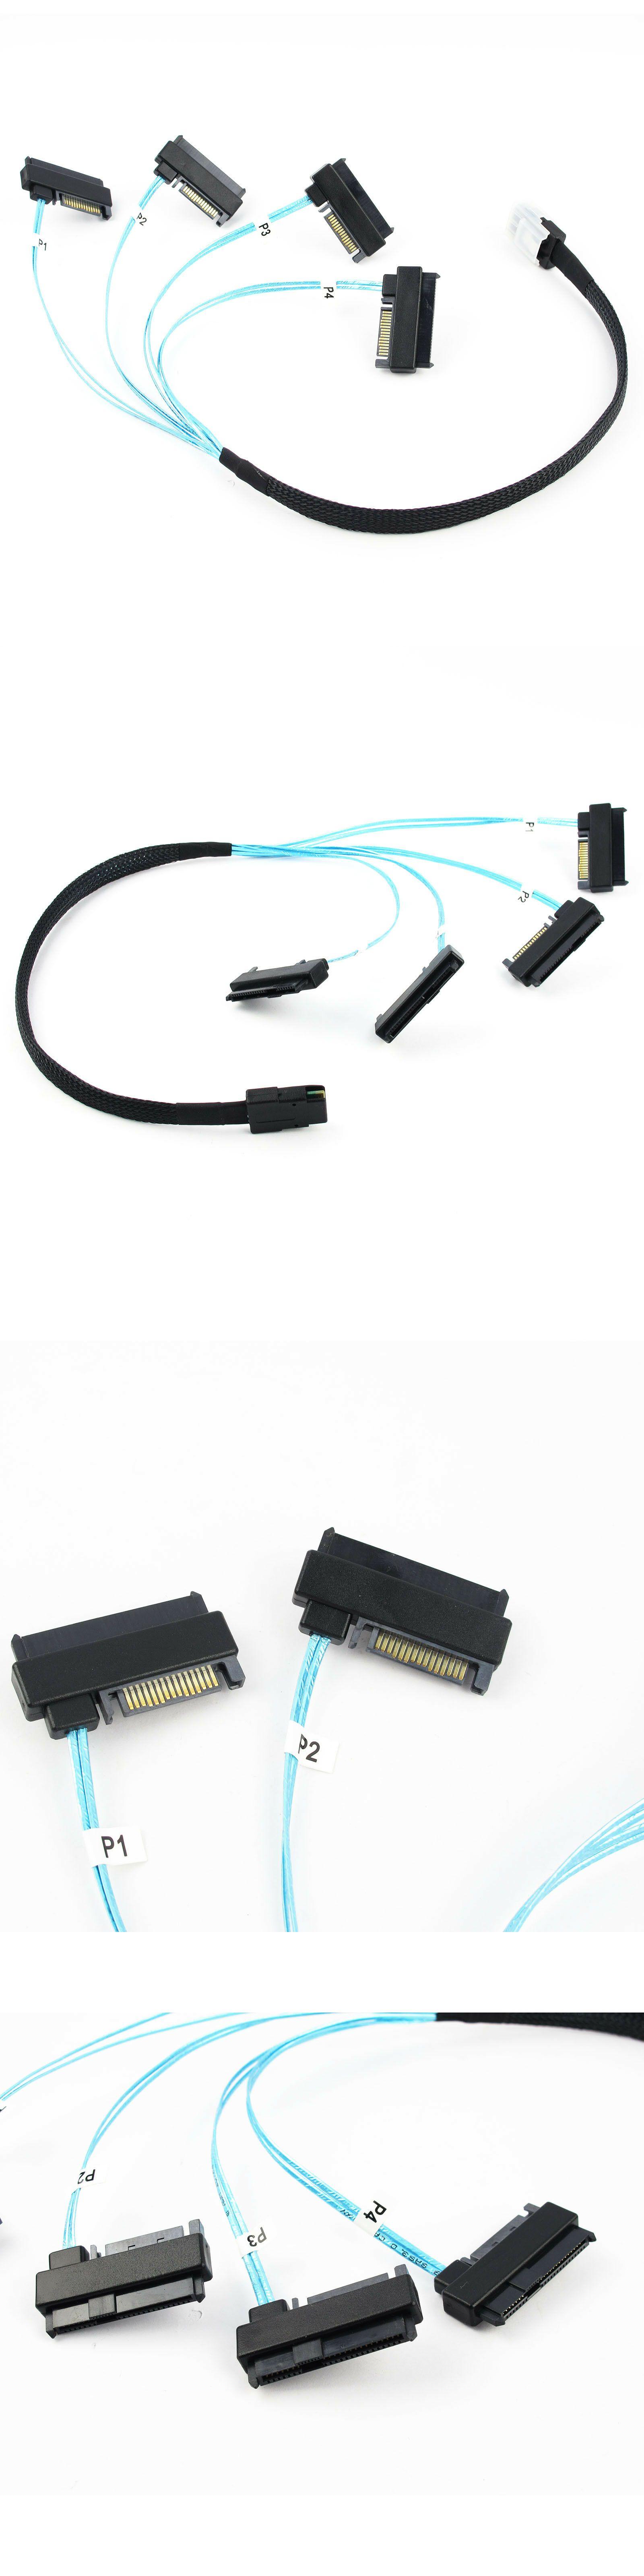 Details About Mini Sas 36p Sff 8087 To 4 Sff 8482 Connectors With Sata Power Cable Power Cable Sff Connectors